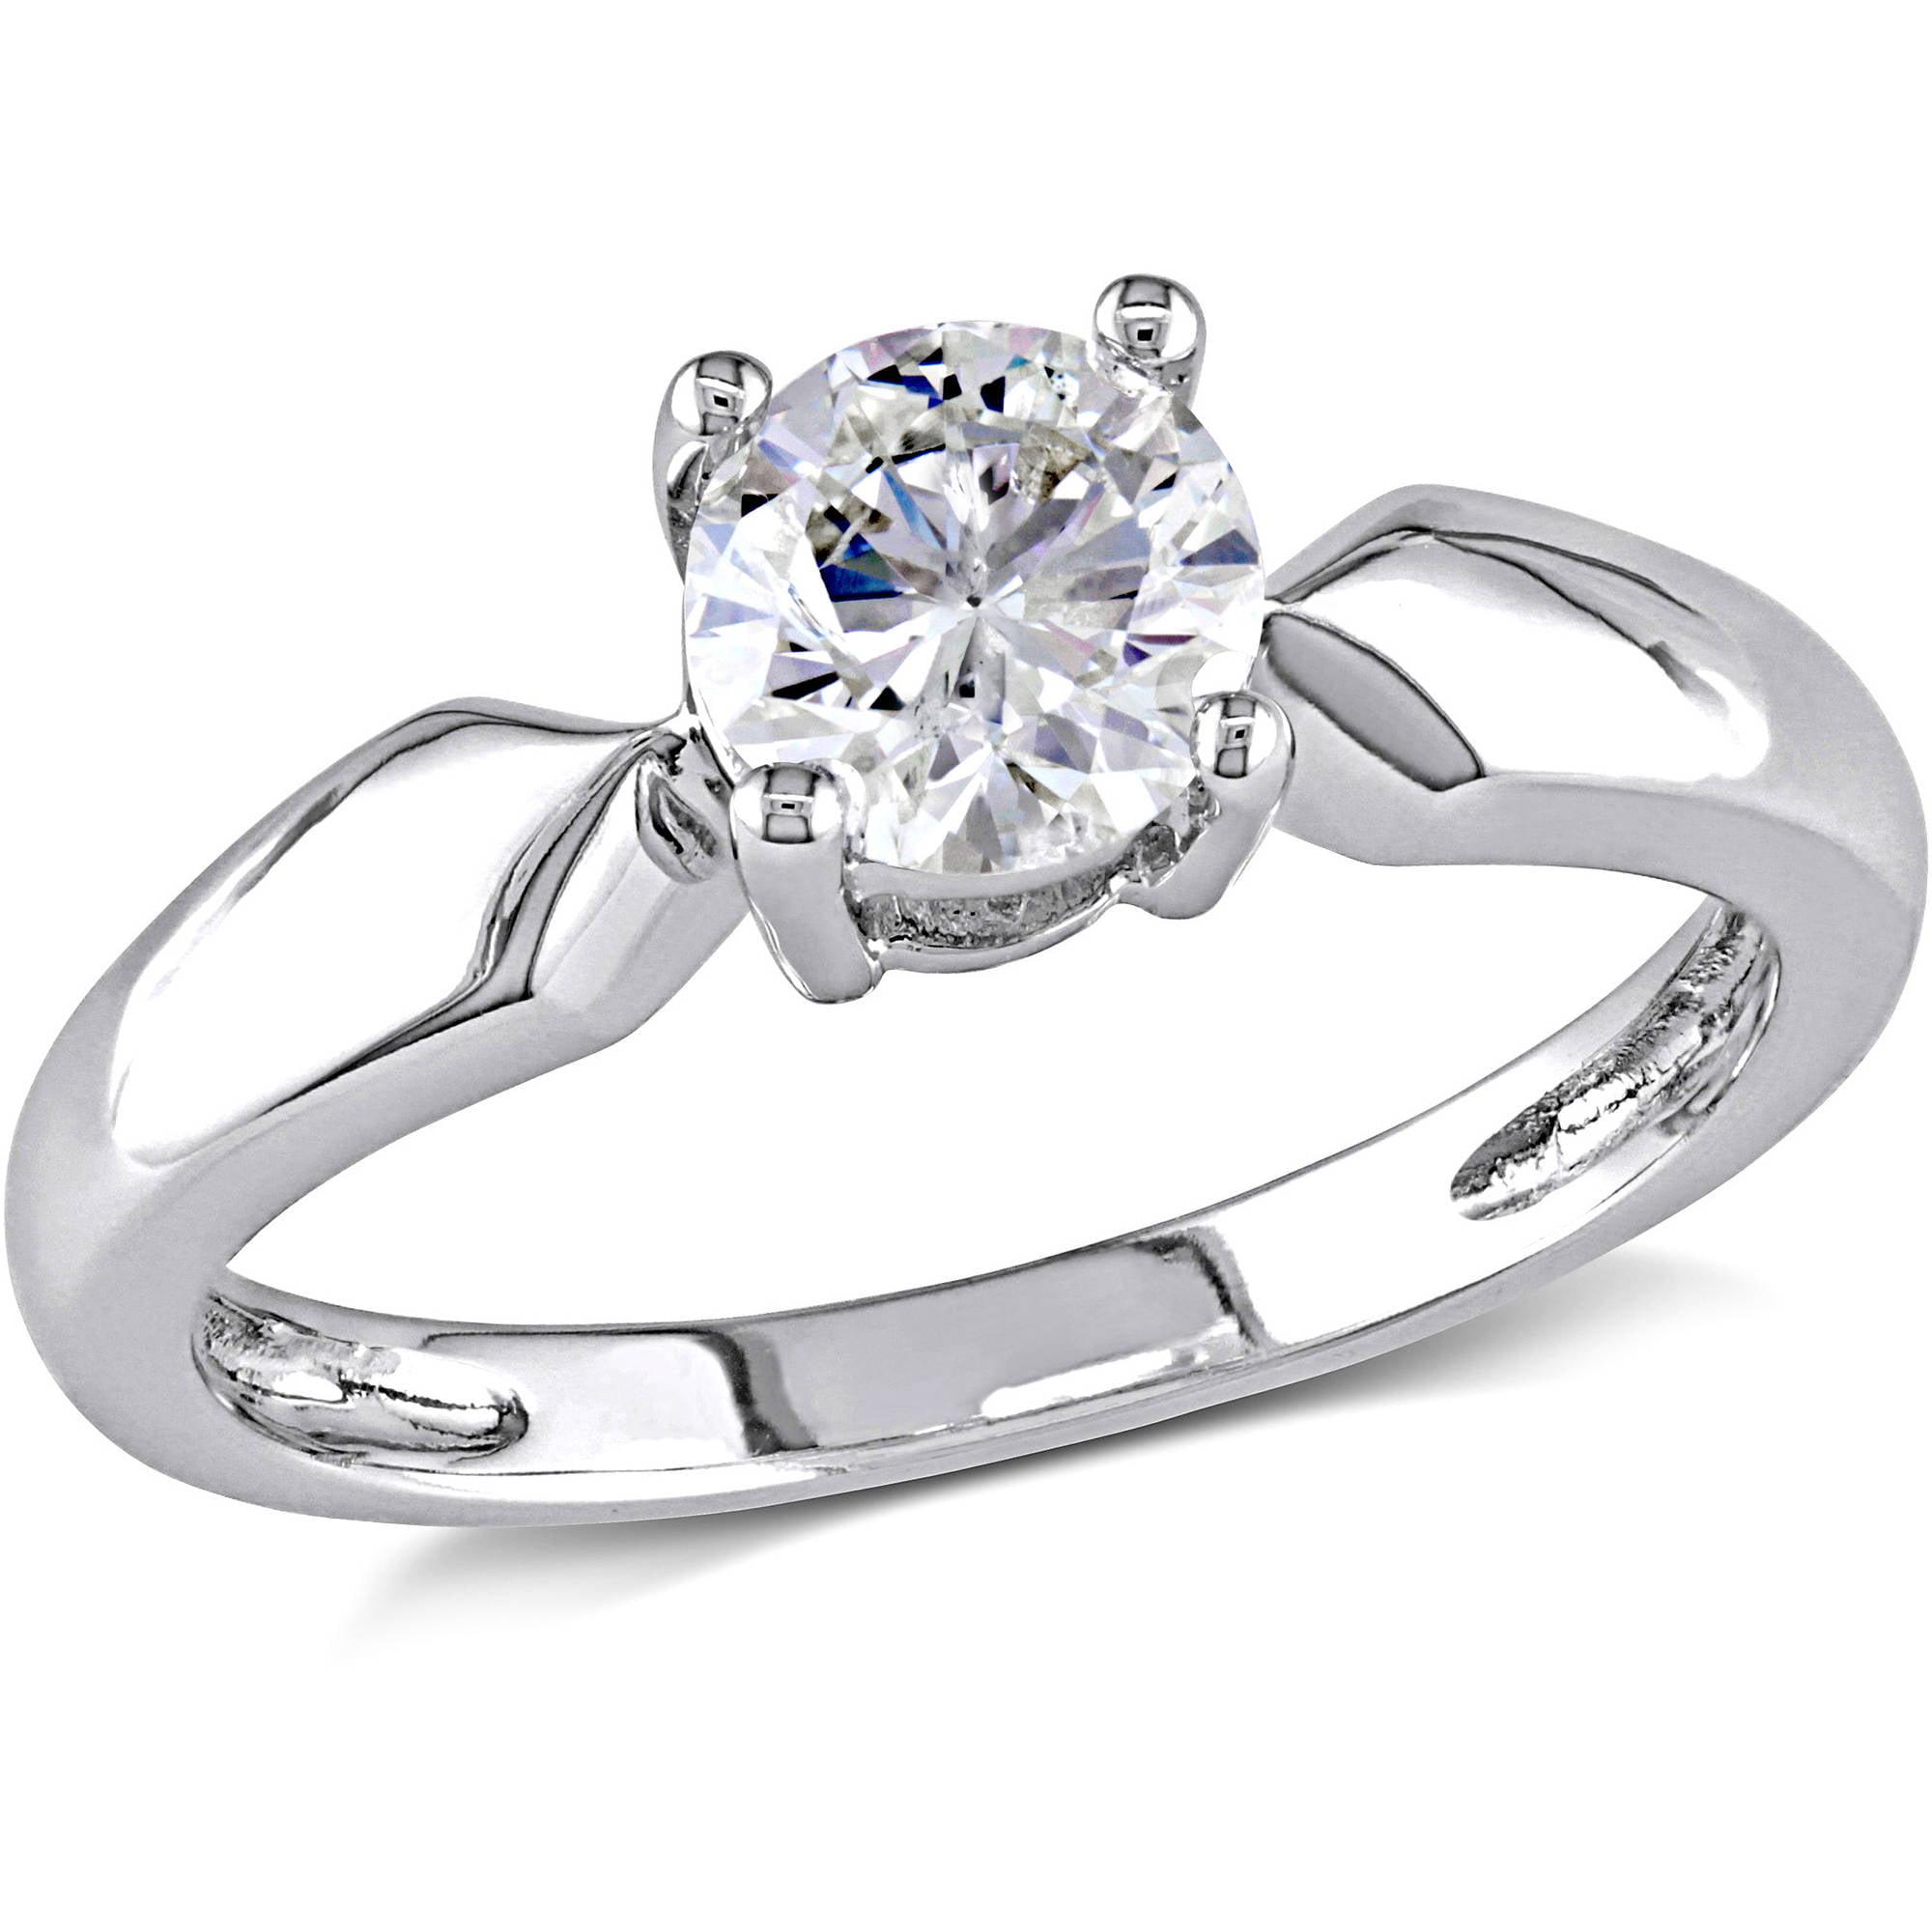 4 Carat Tw Round Diamond Solitaire Ring In 14kt White Gold   Walmart